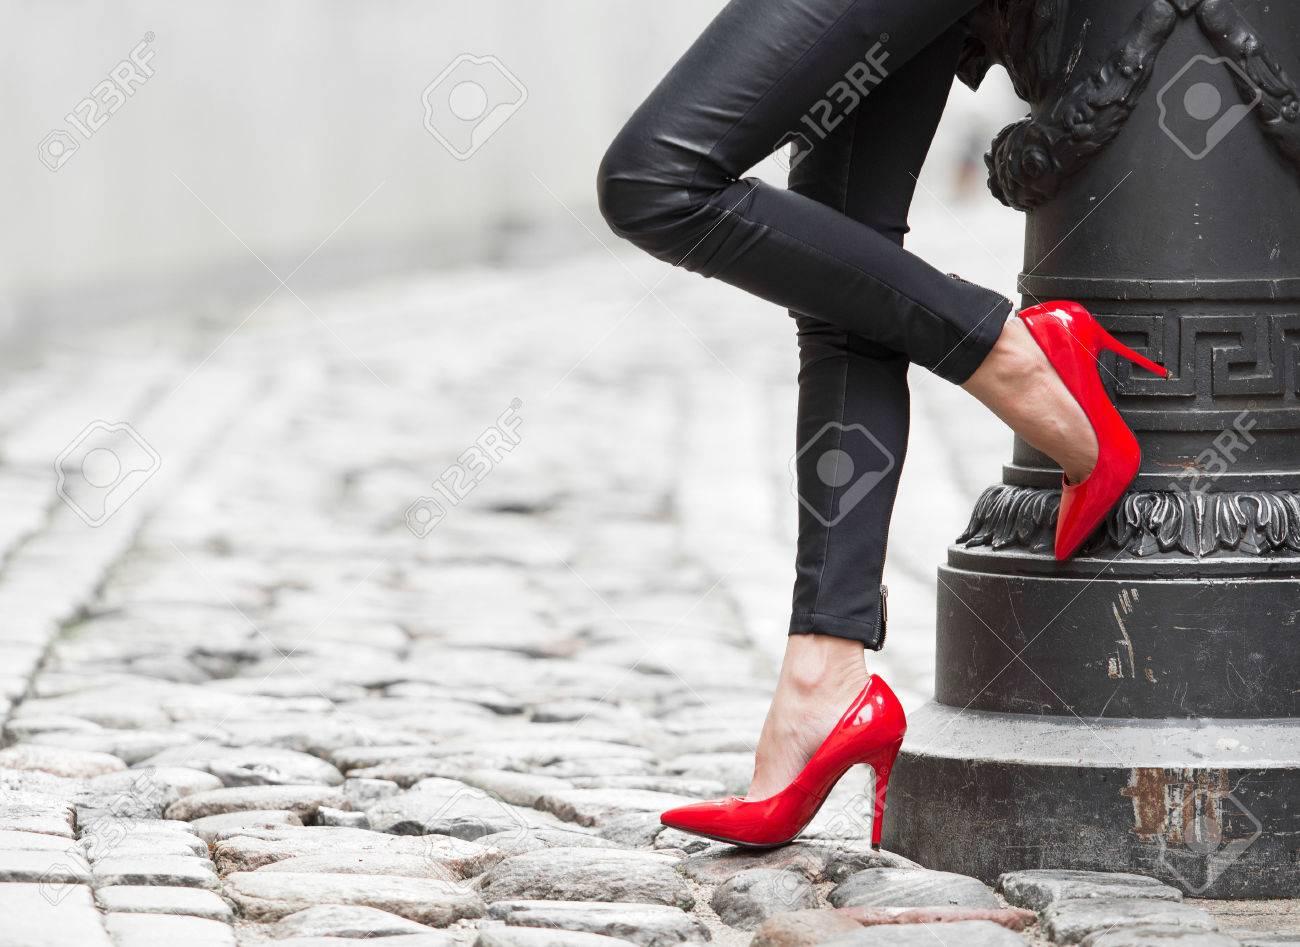 Black Red High Heels